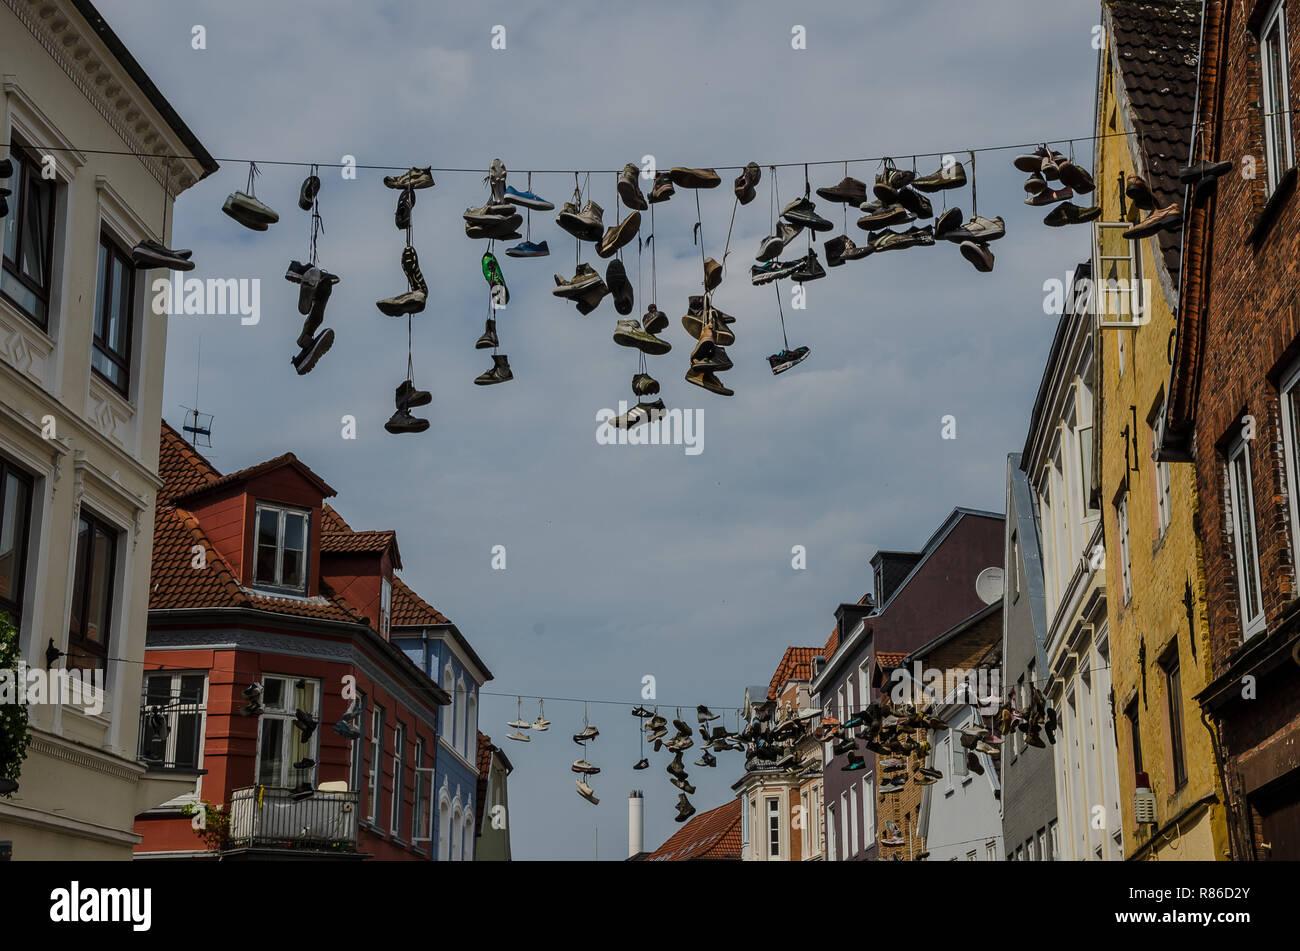 Schuhe Hängen Über Der Norderstraße Stockfotos & Schuhe